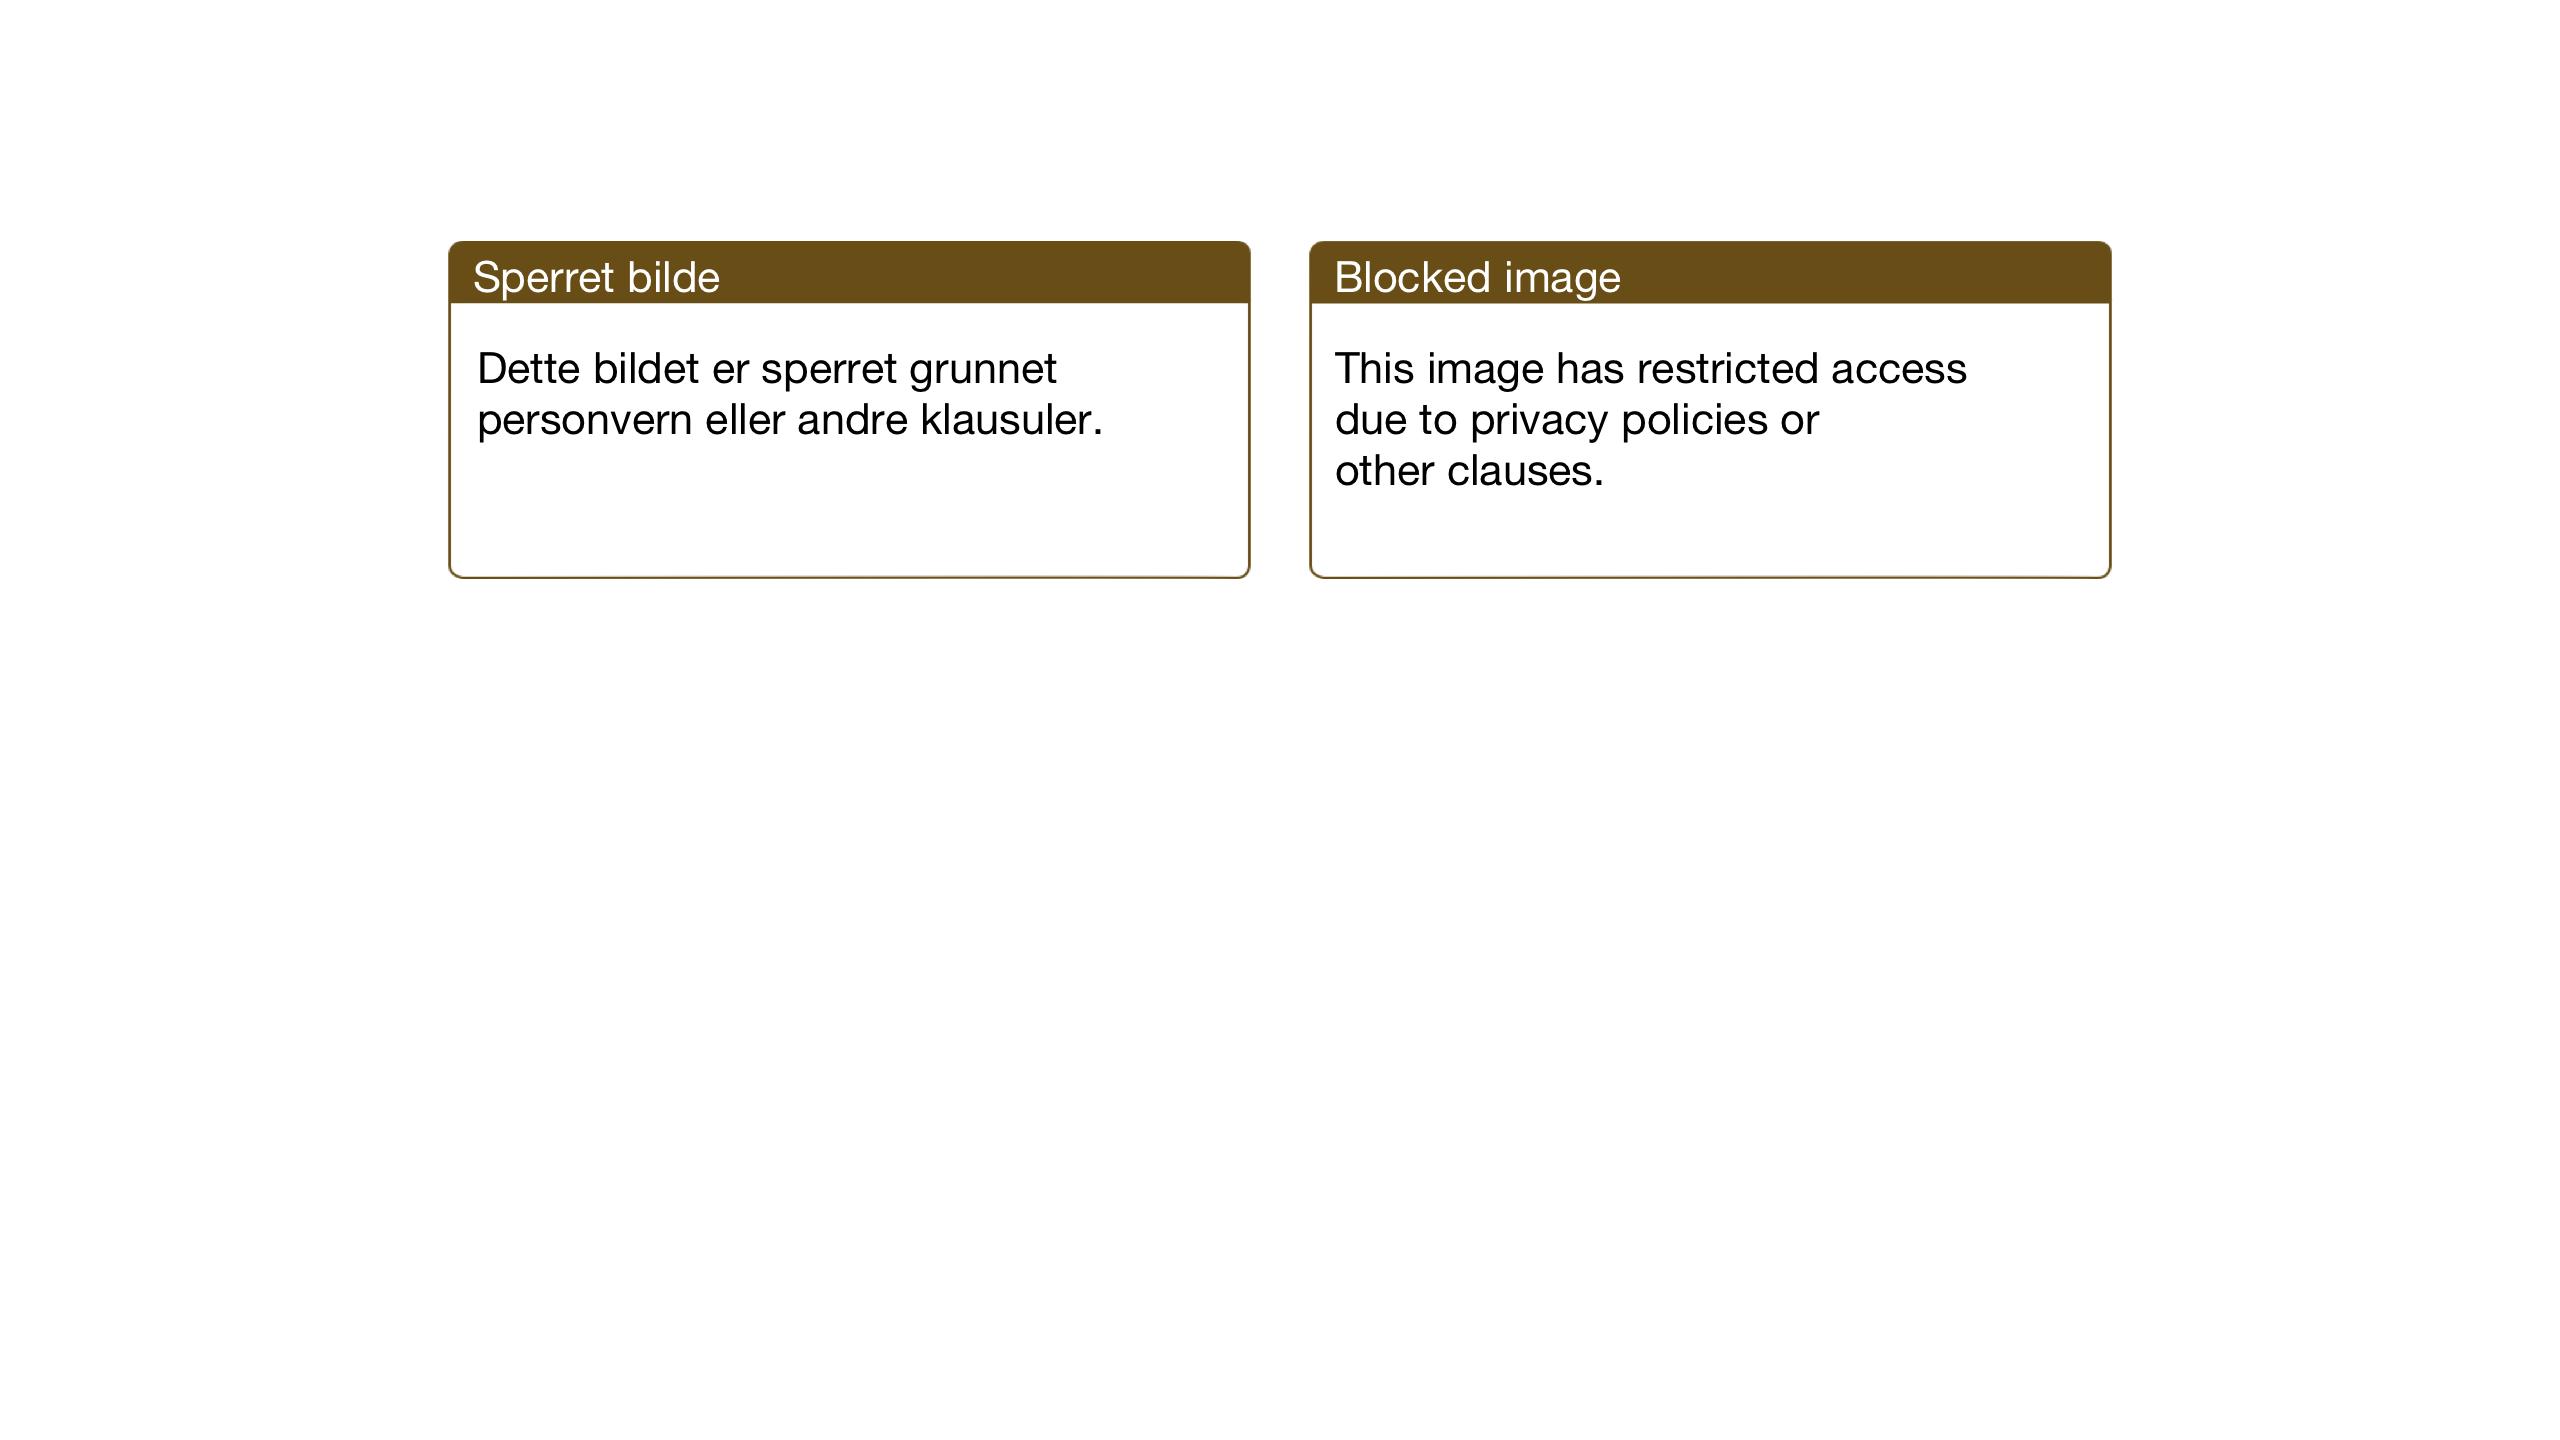 SAT, Ministerialprotokoller, klokkerbøker og fødselsregistre - Nord-Trøndelag, 744/L0425: Klokkerbok nr. 744C04, 1924-1947, s. 27